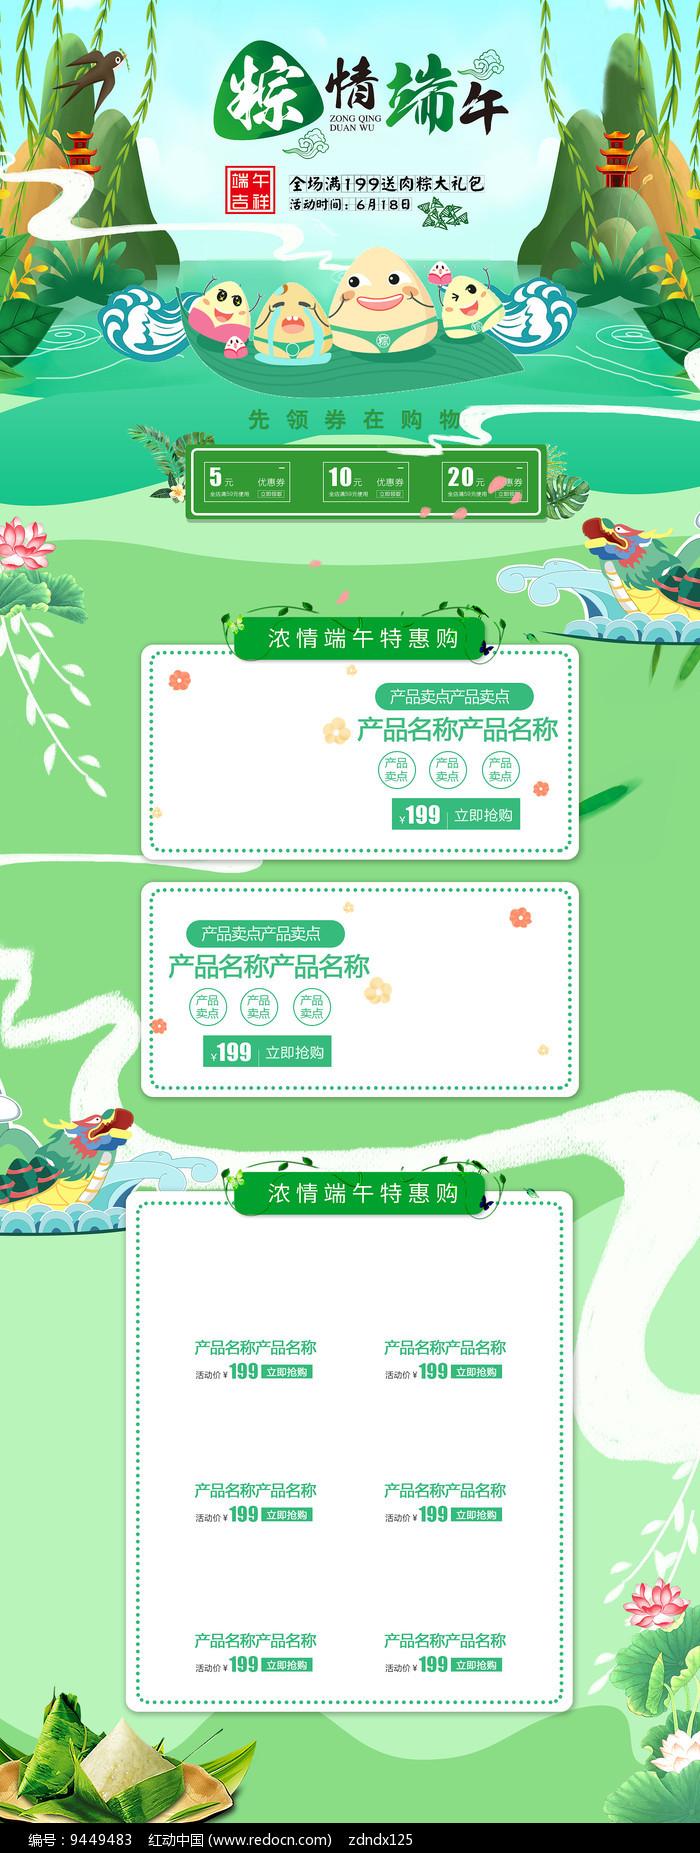 可爱粽情端午端午节促销首页模板图片